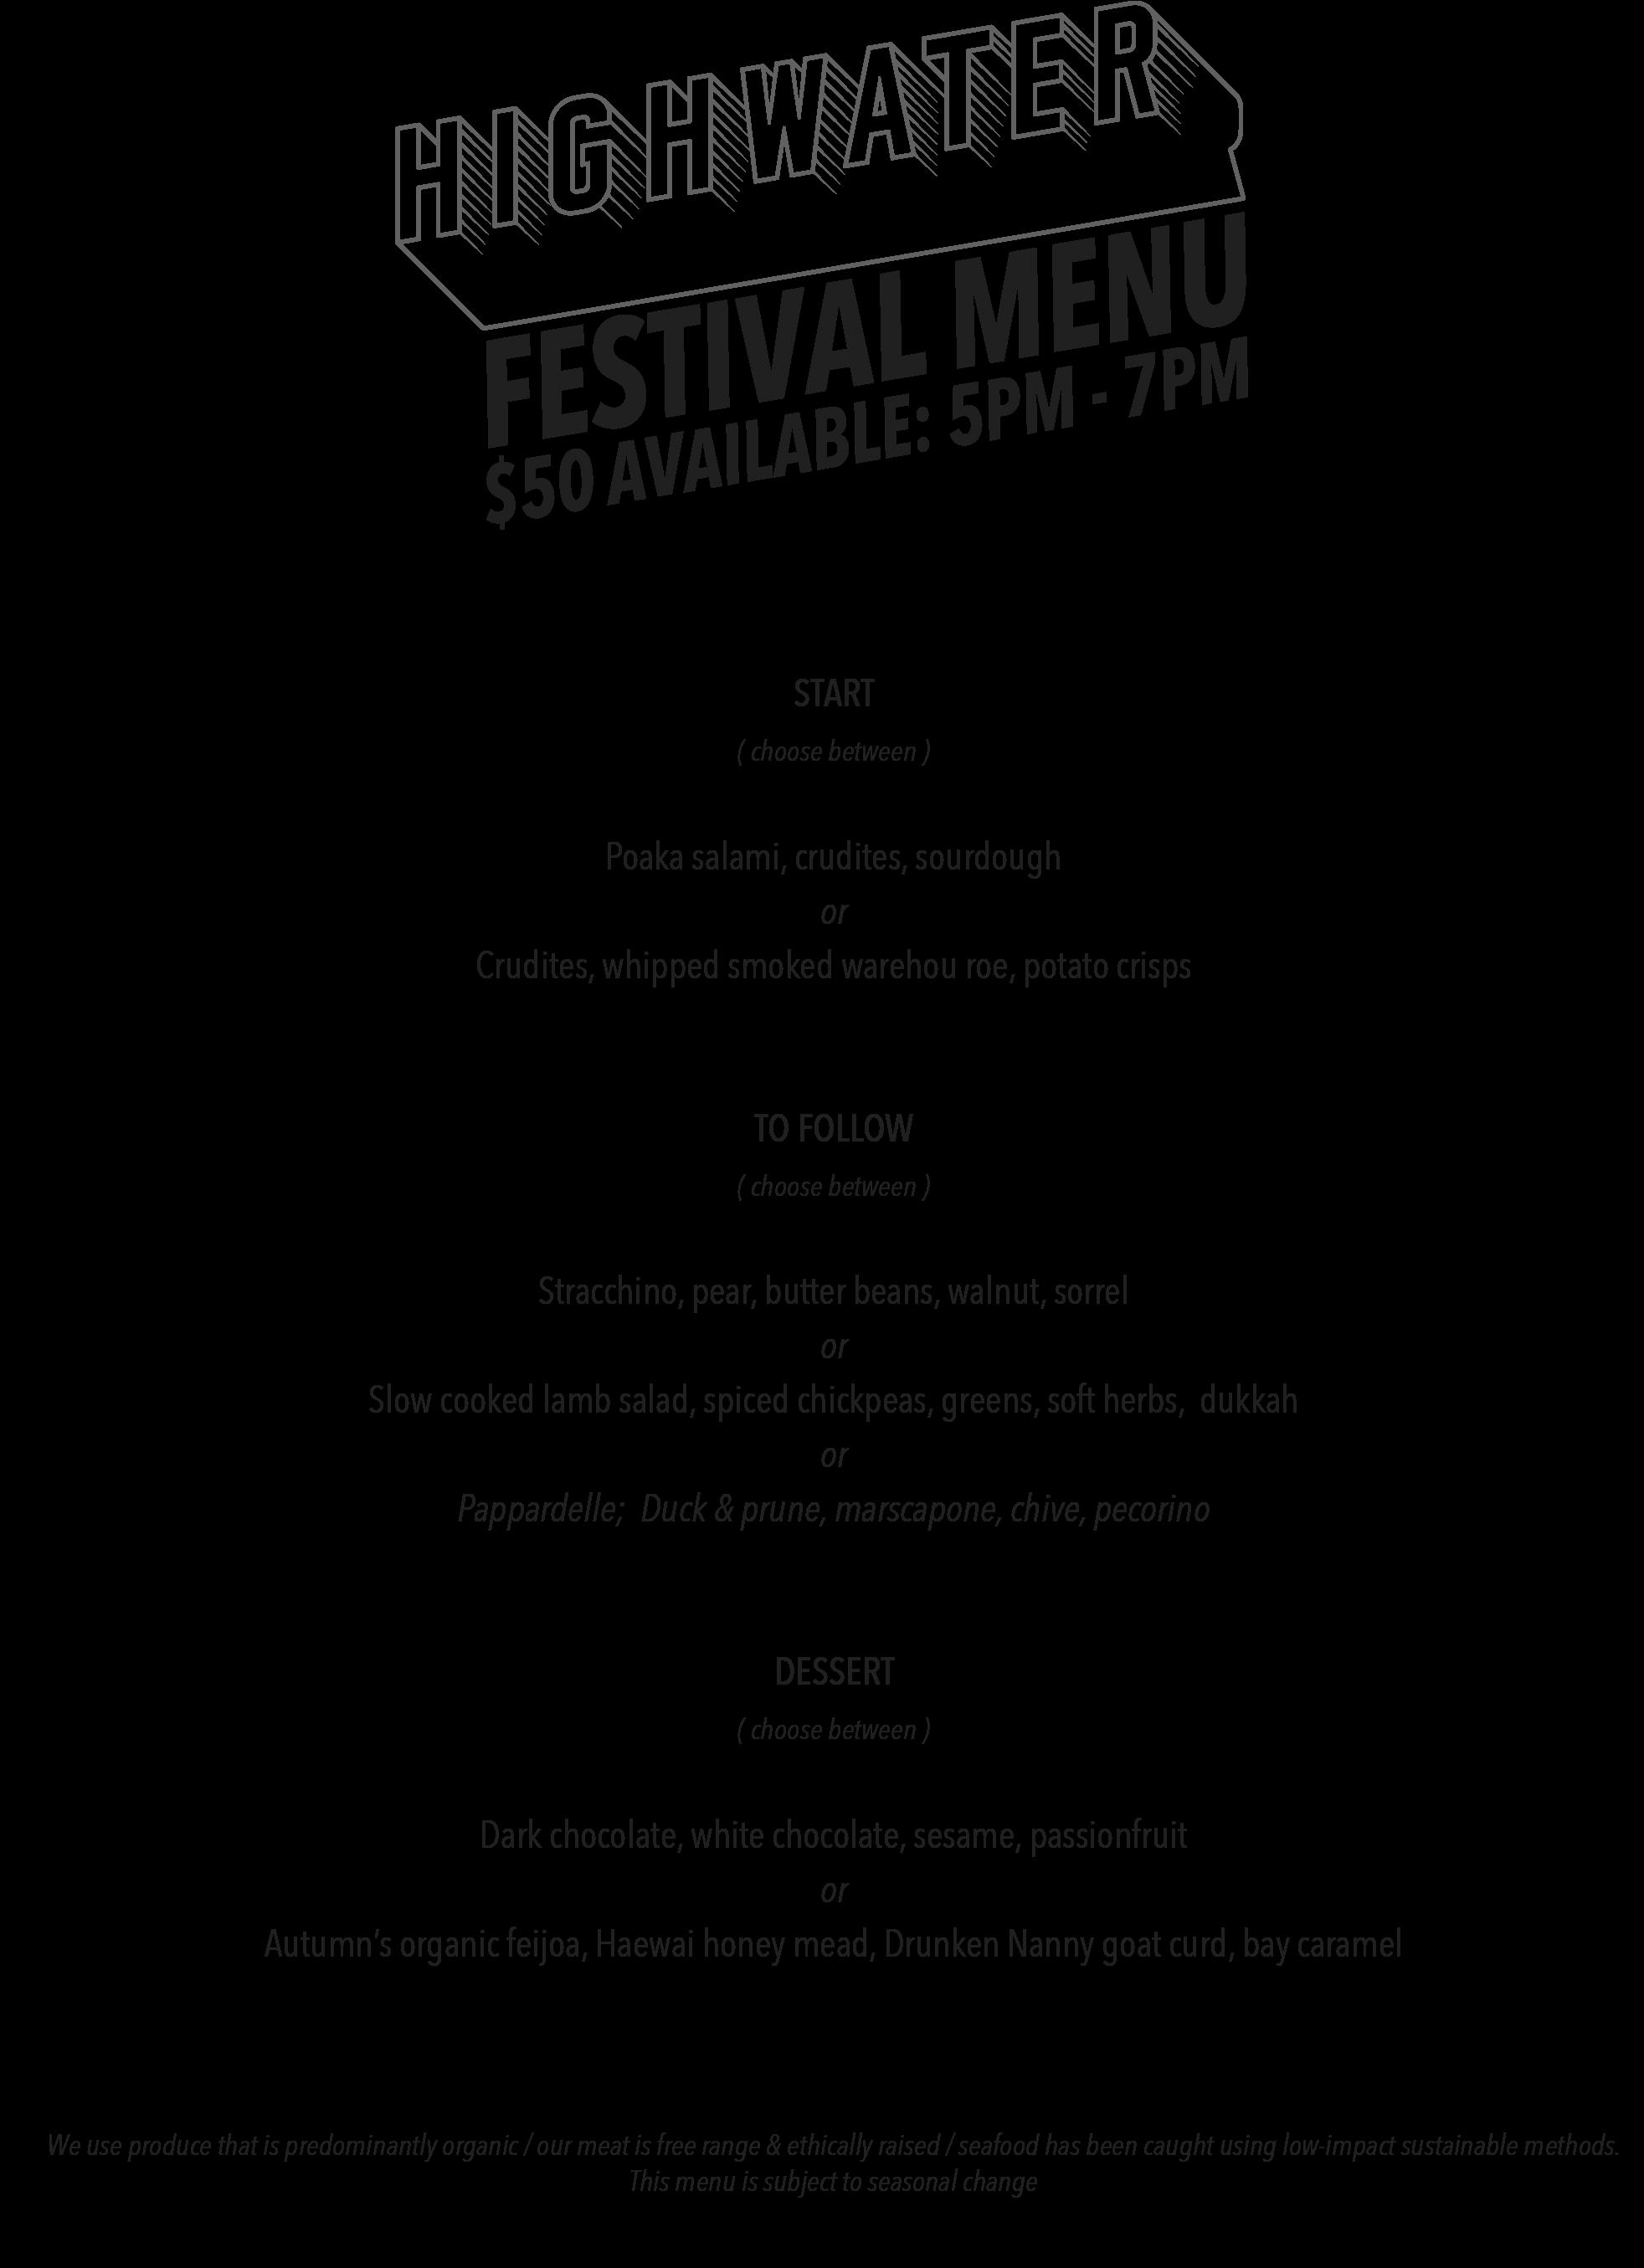 EXPRESS FESTIVAL MENU copy.png